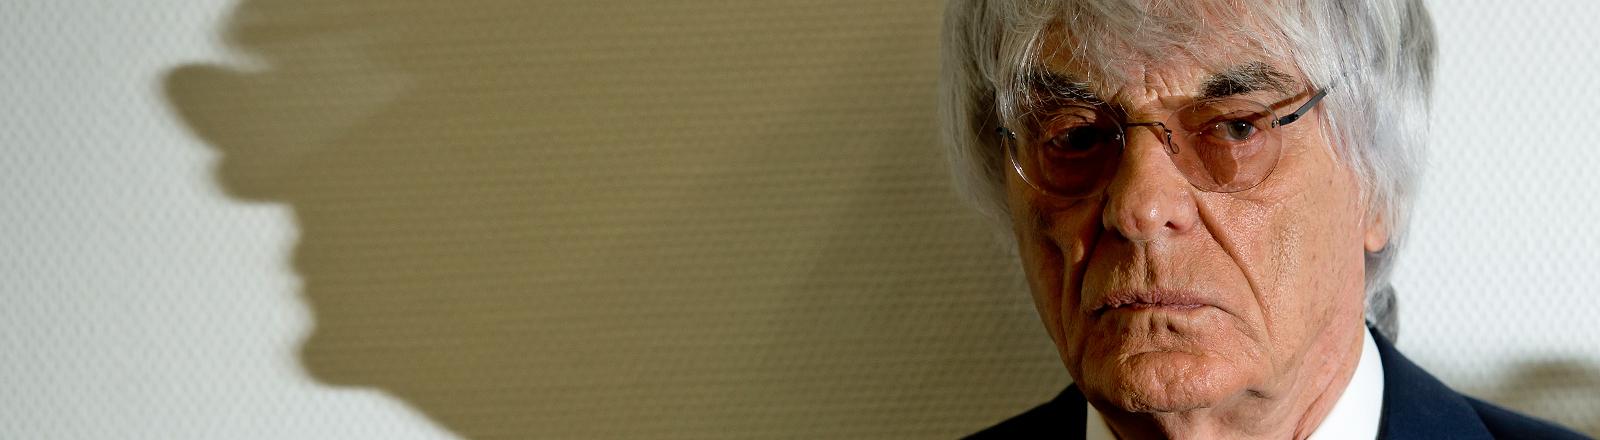 Am 05.08.2014 steht der Formel-1-Boss Bernie Ecclestone in München vor Gericht und wirft einen diabolischen Schatten an die Wand.